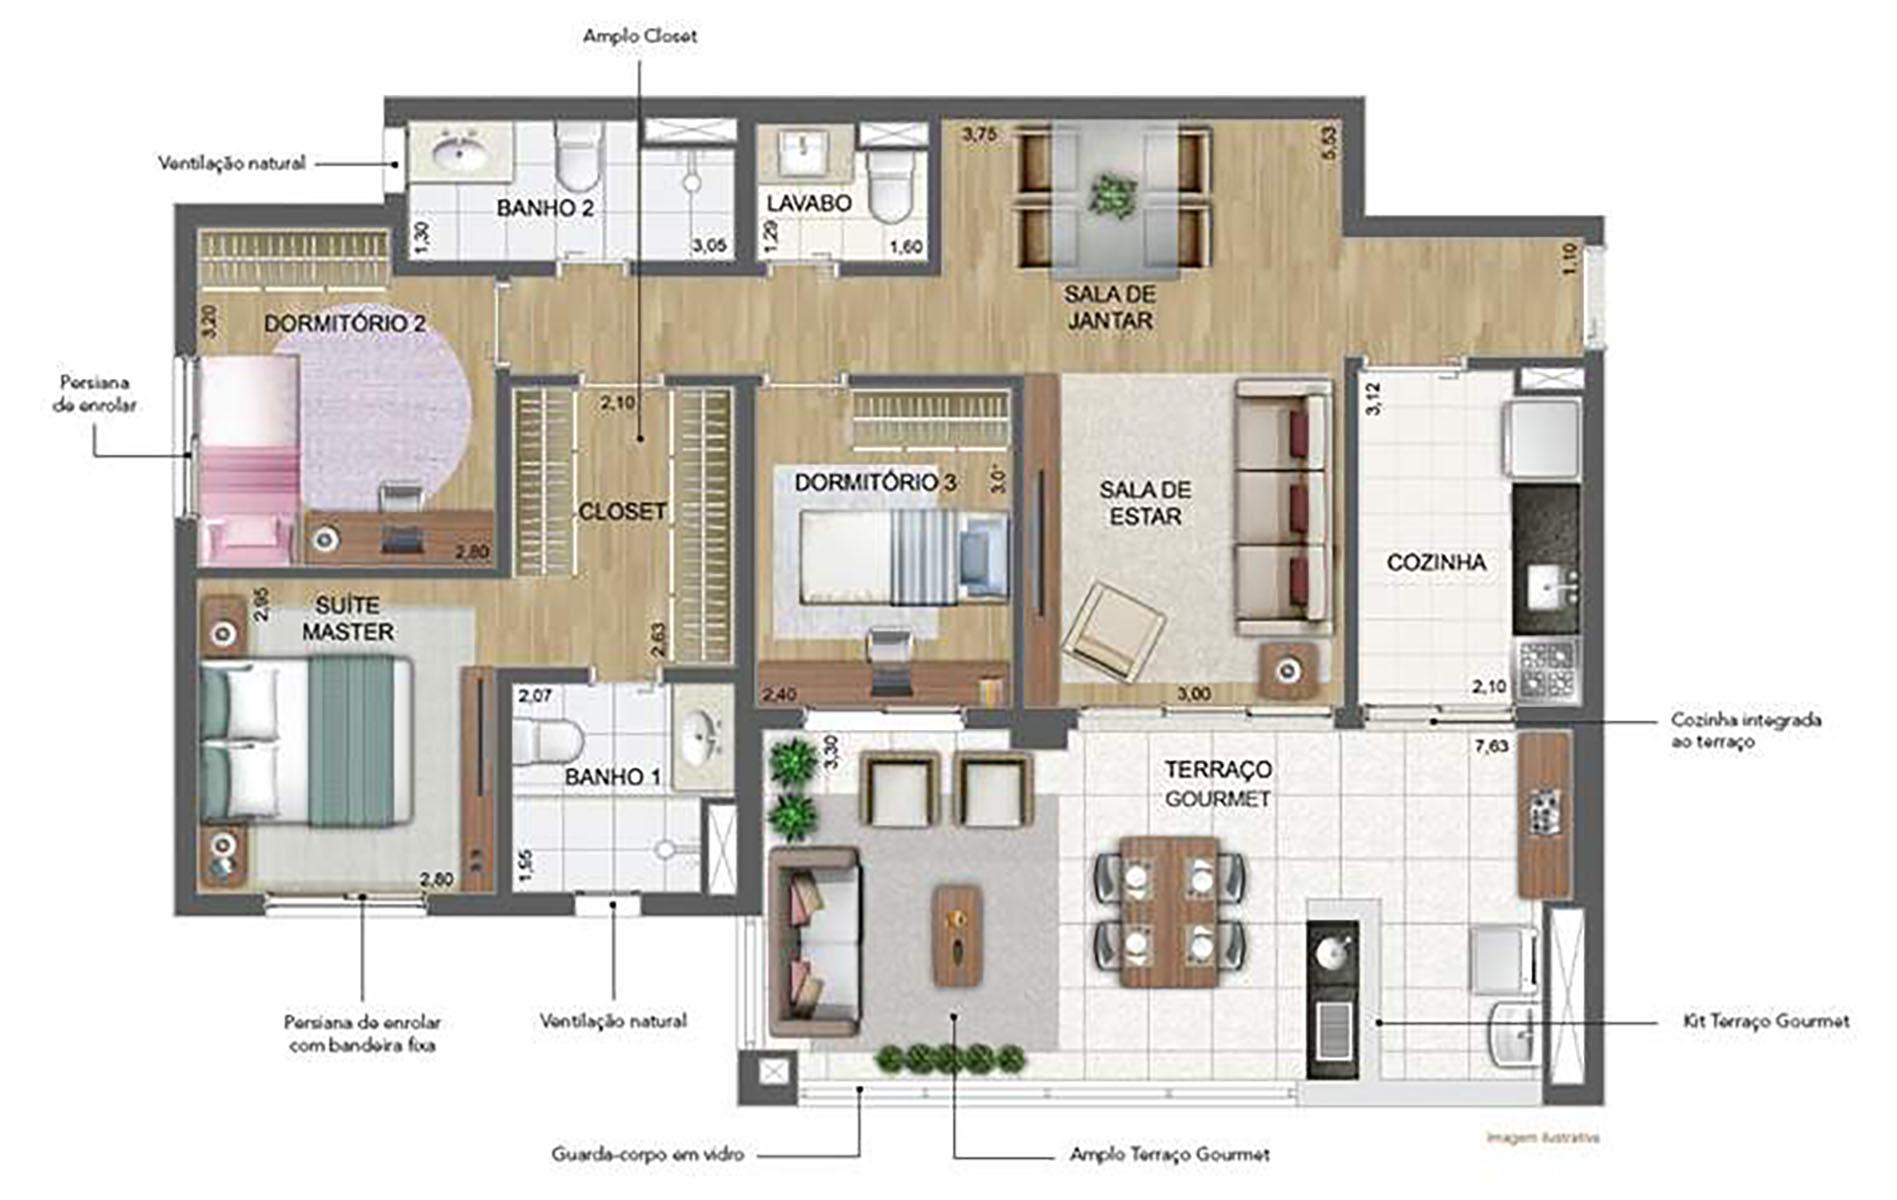 111 m² Padrão › NEW PARKER